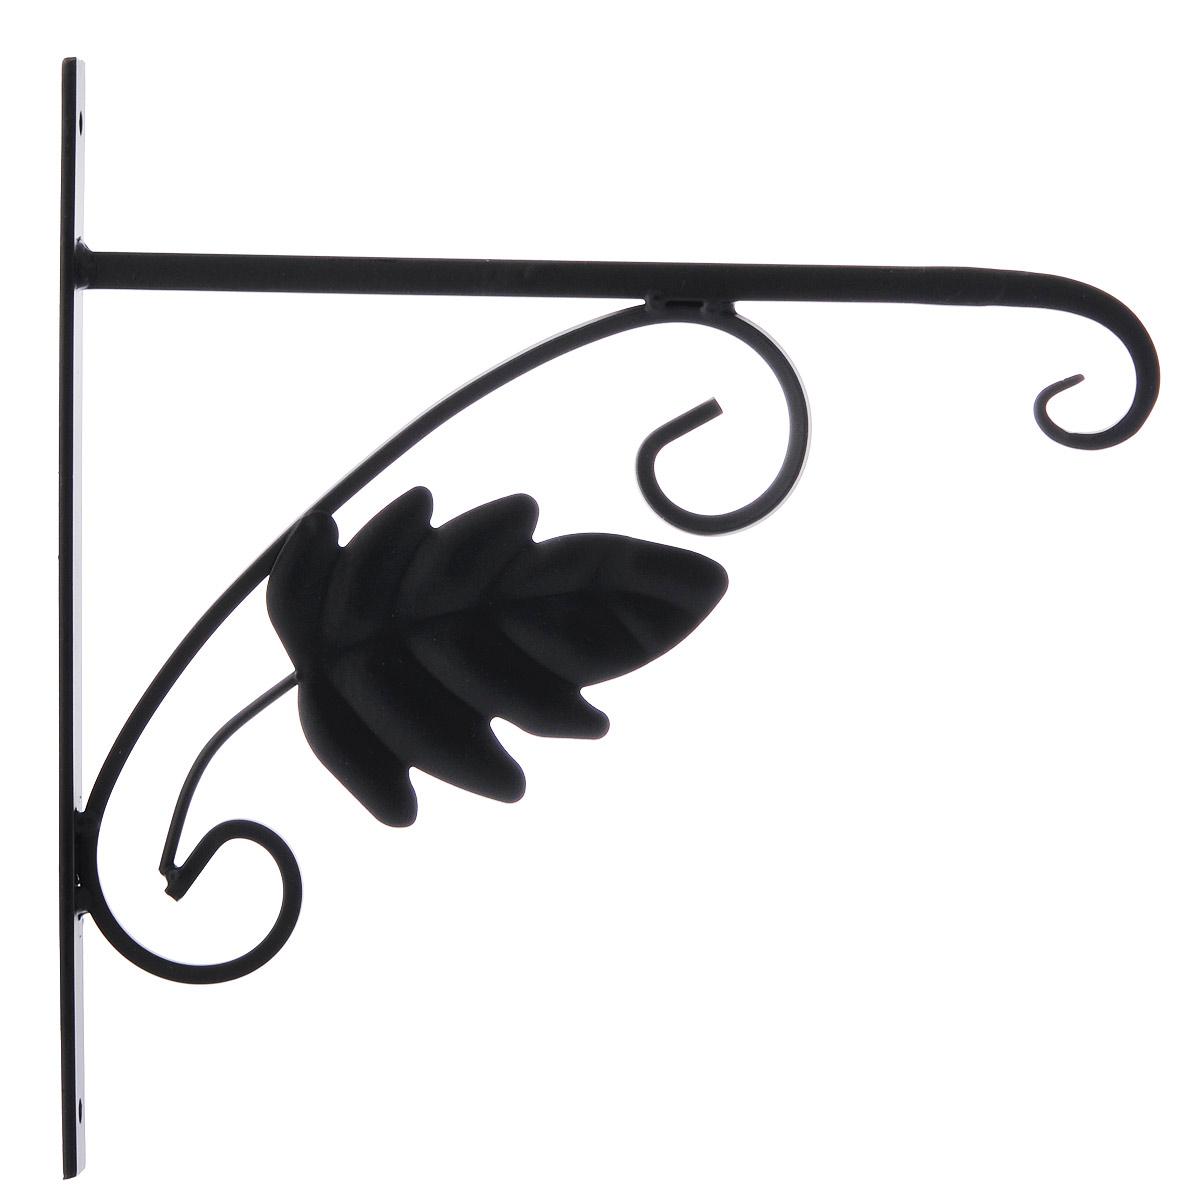 Кронштейн для кашпо Гарденкрафт Клен, цвет: черный3085Кронштейн Гарденкрафт Клен поможет вам украсить цветами окружающее вас пространство. С помощью прочного кронштейна вы сможете расположить корзину с цветами в любом удобном месте.Кронштейн изготовлен из металла, что гарантирует долговечность срока службы. Такой оригинальный кронштейн послужит настоящим украшением и необычным элементом дизайна. Размер кронштейна: 27,5 см х 28 см х 2 см.